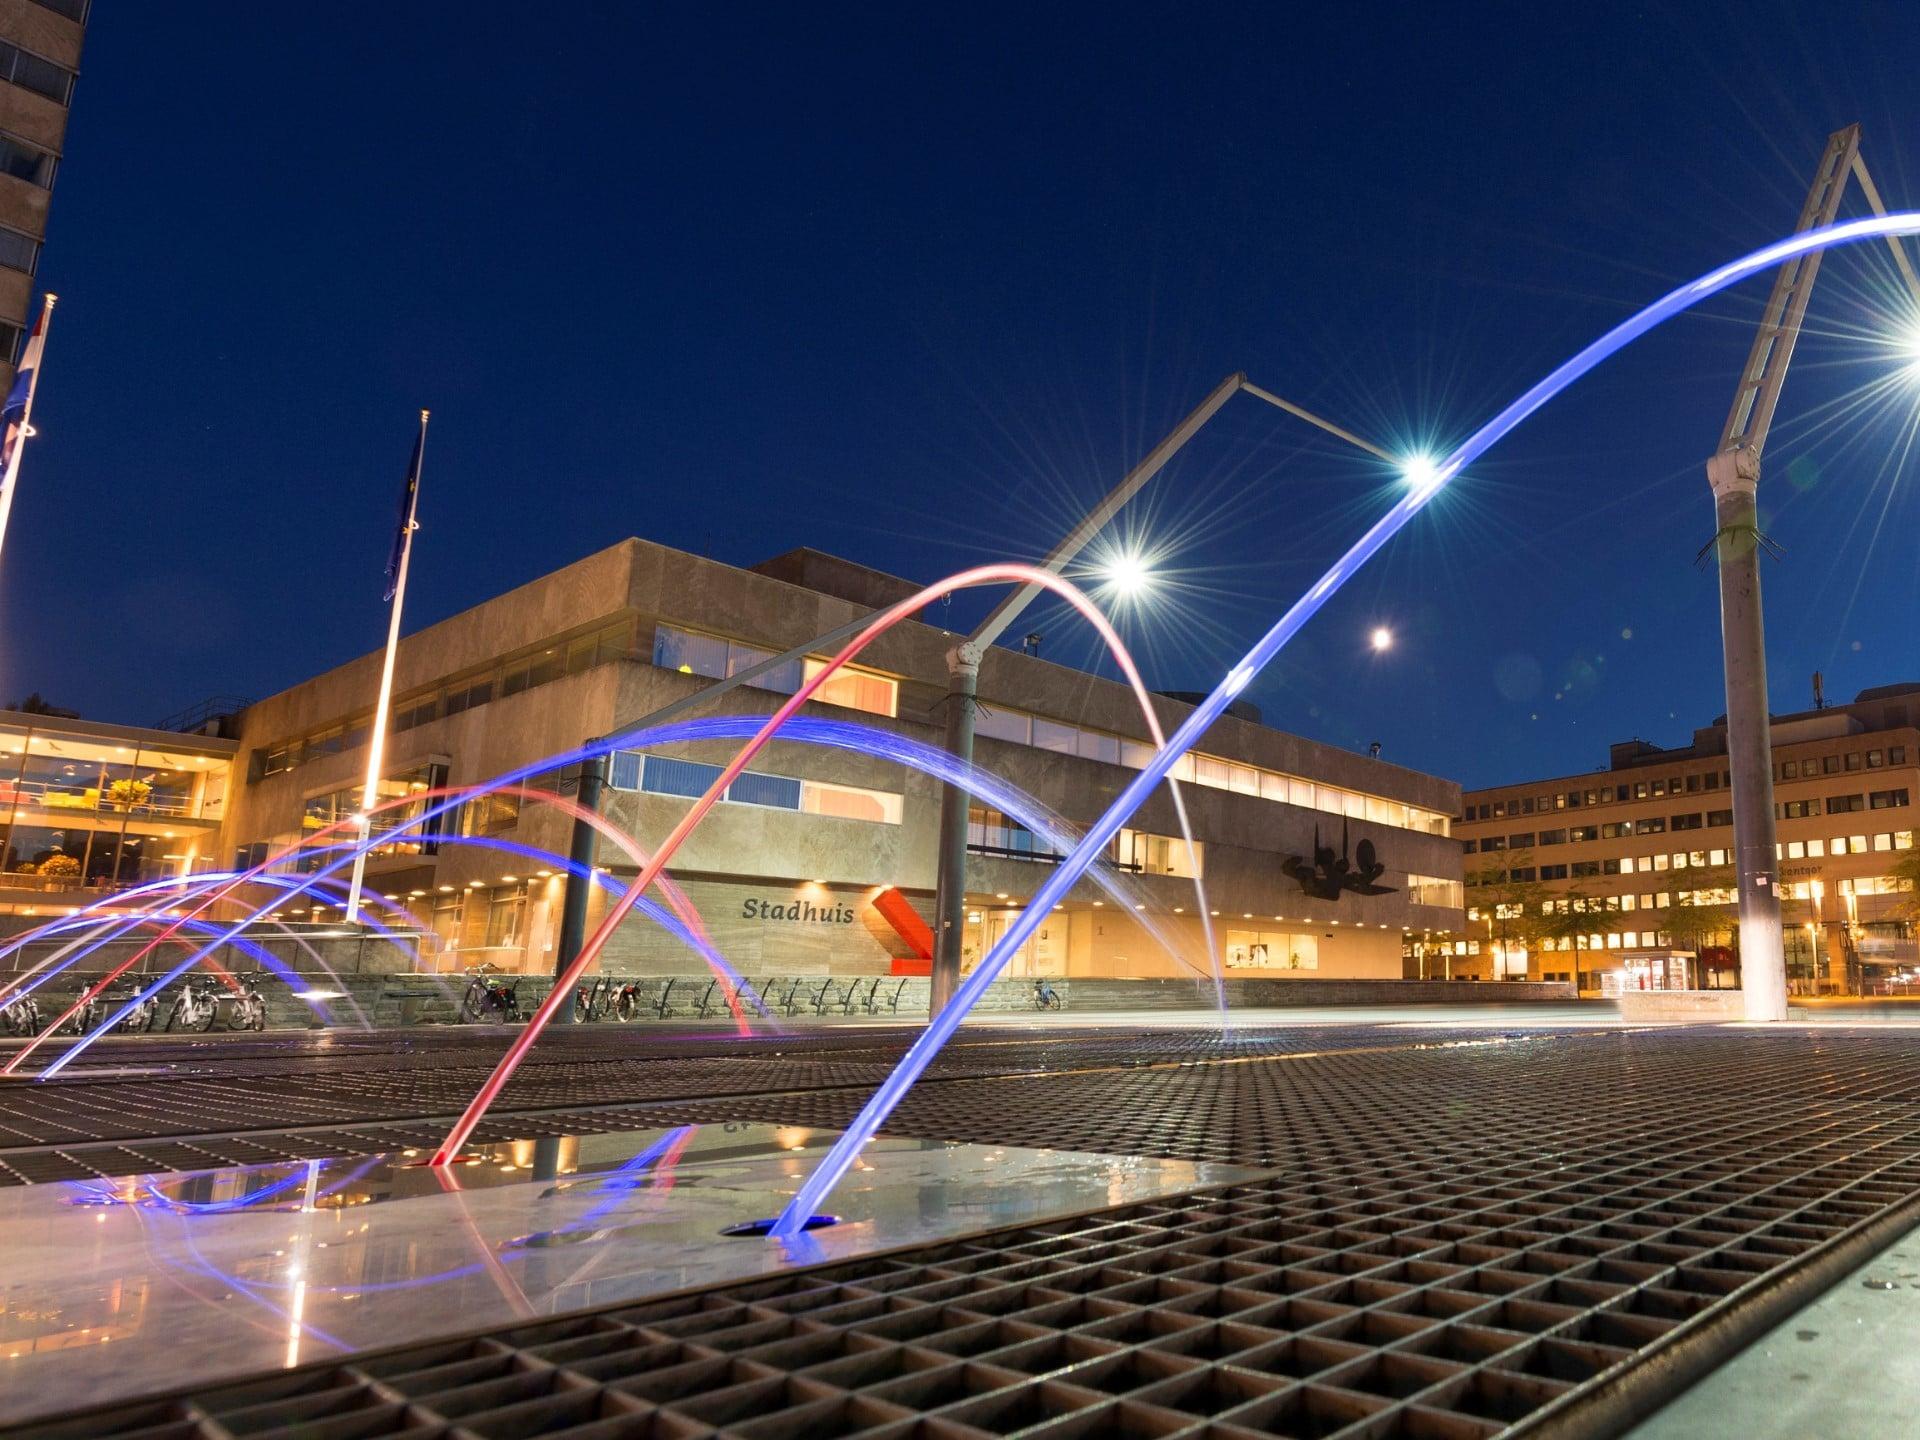 vaste fonteinen - Fontis - 16